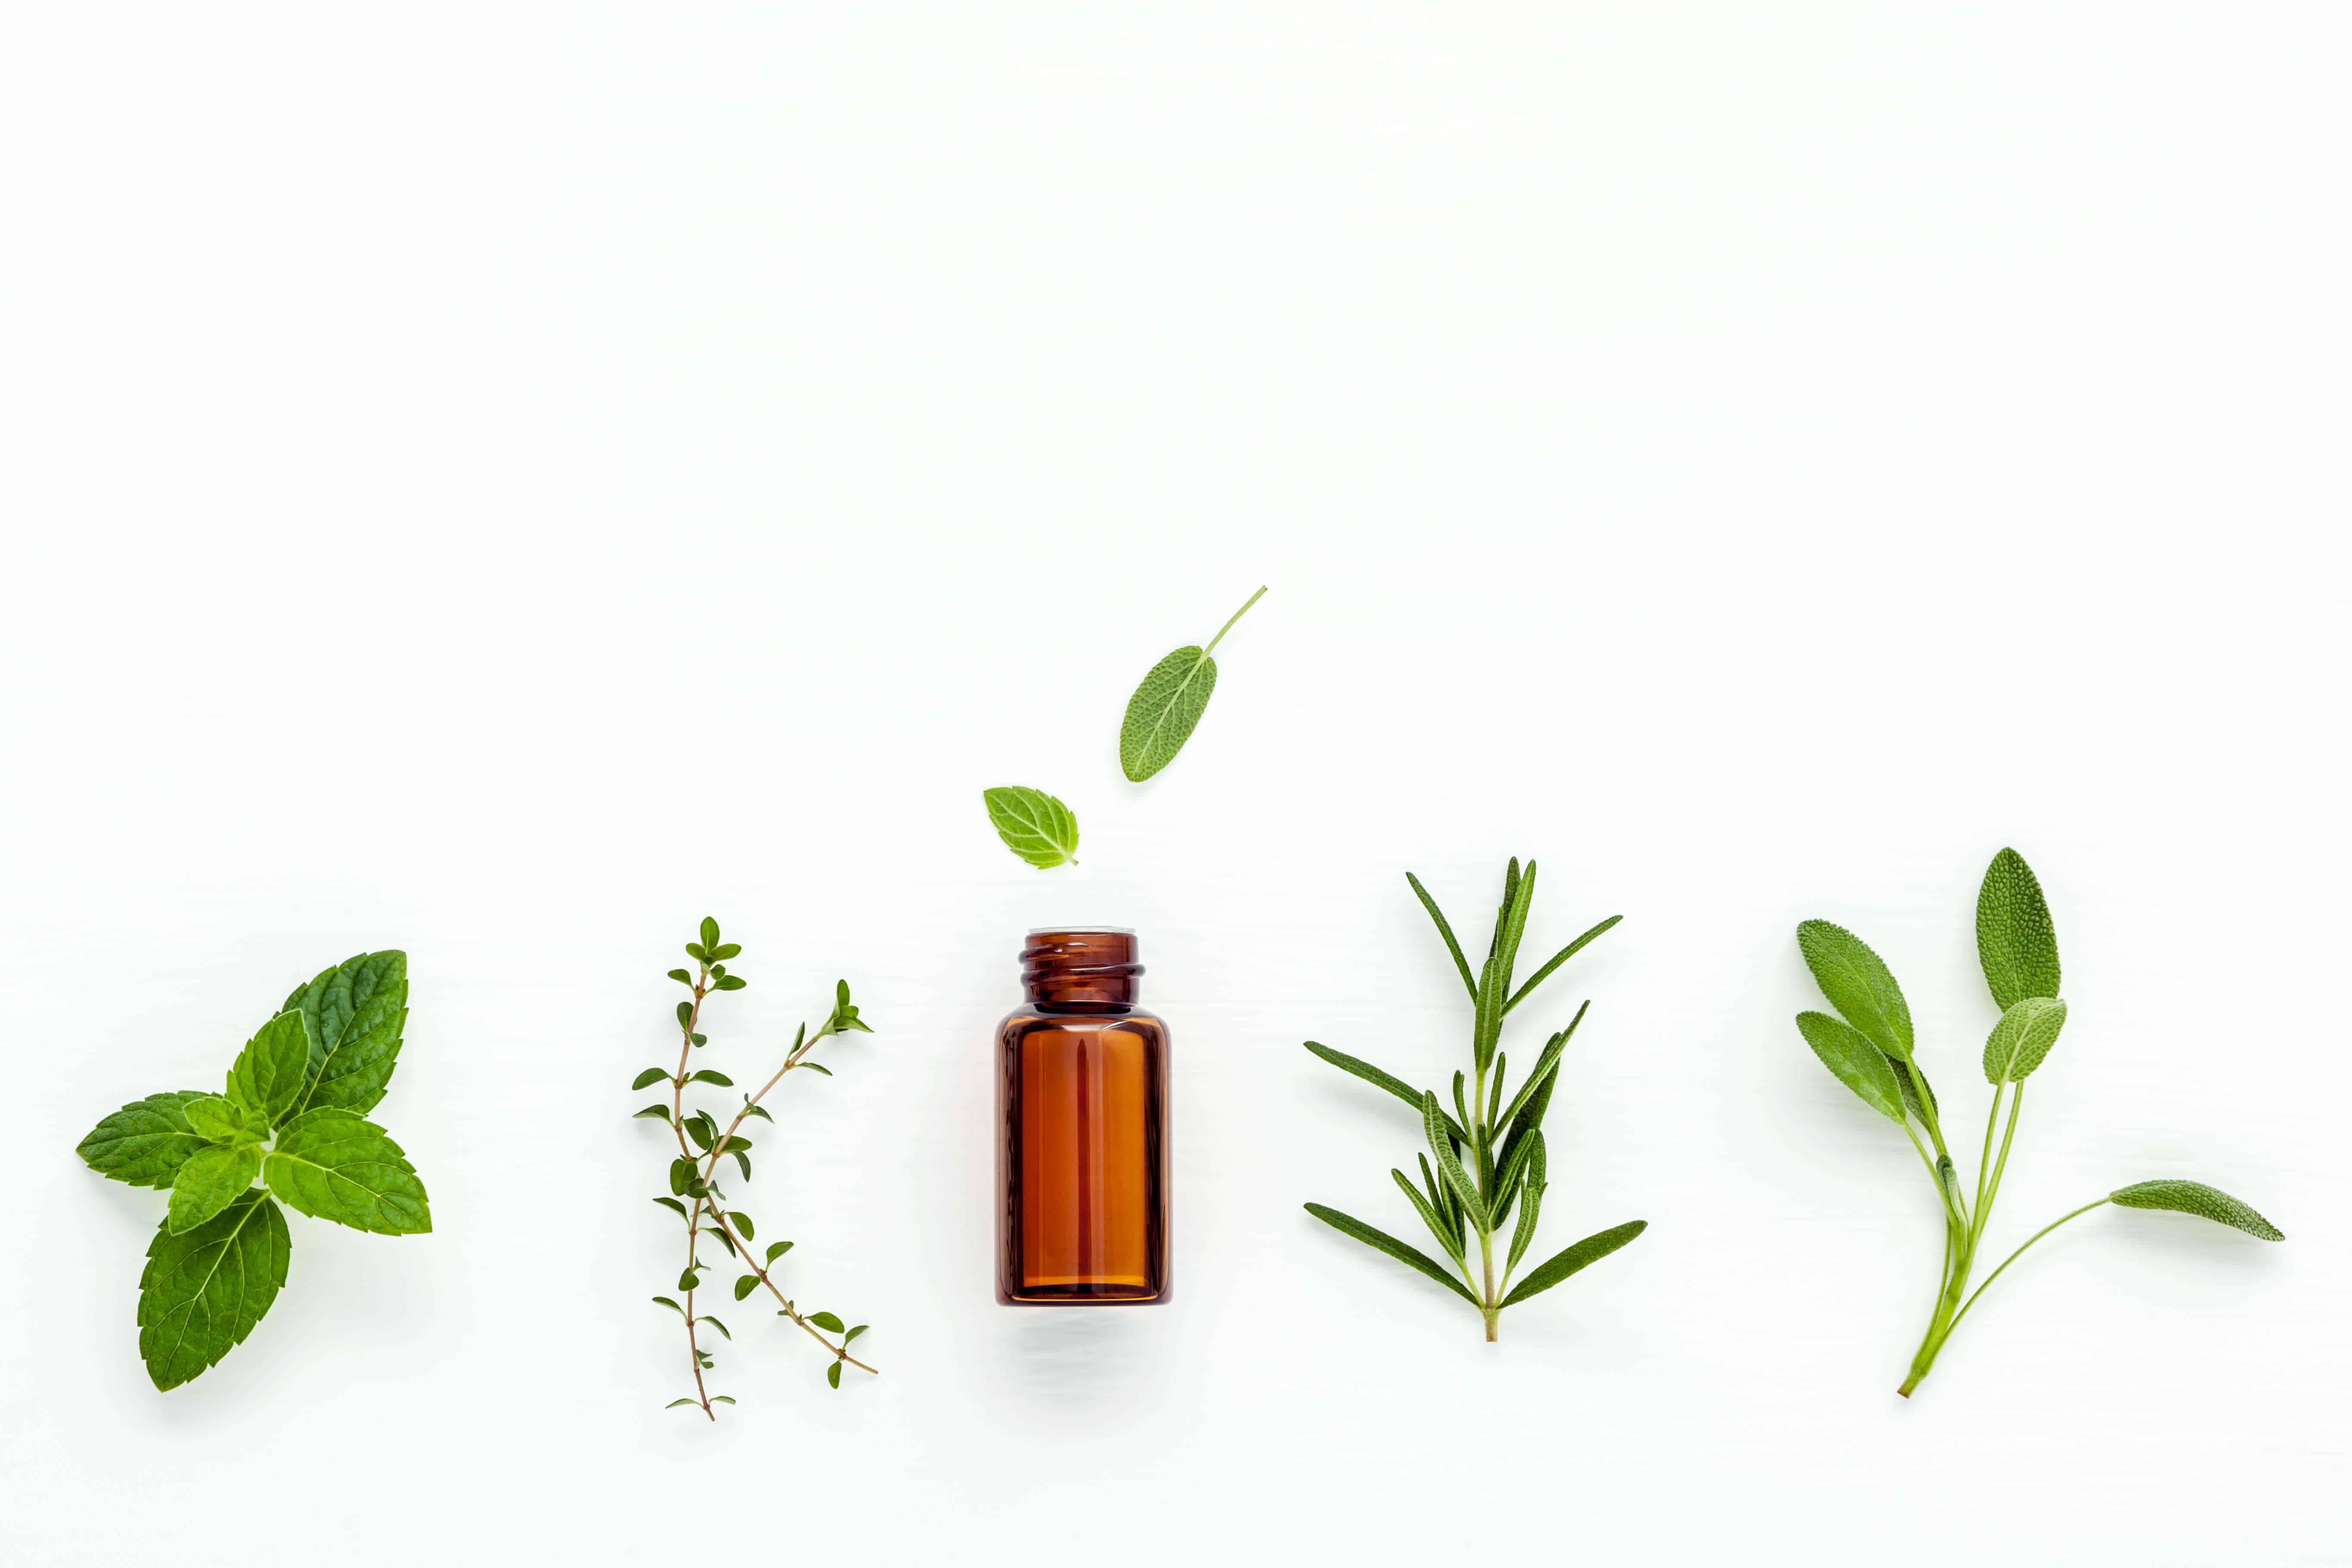 Kosmea ingredients